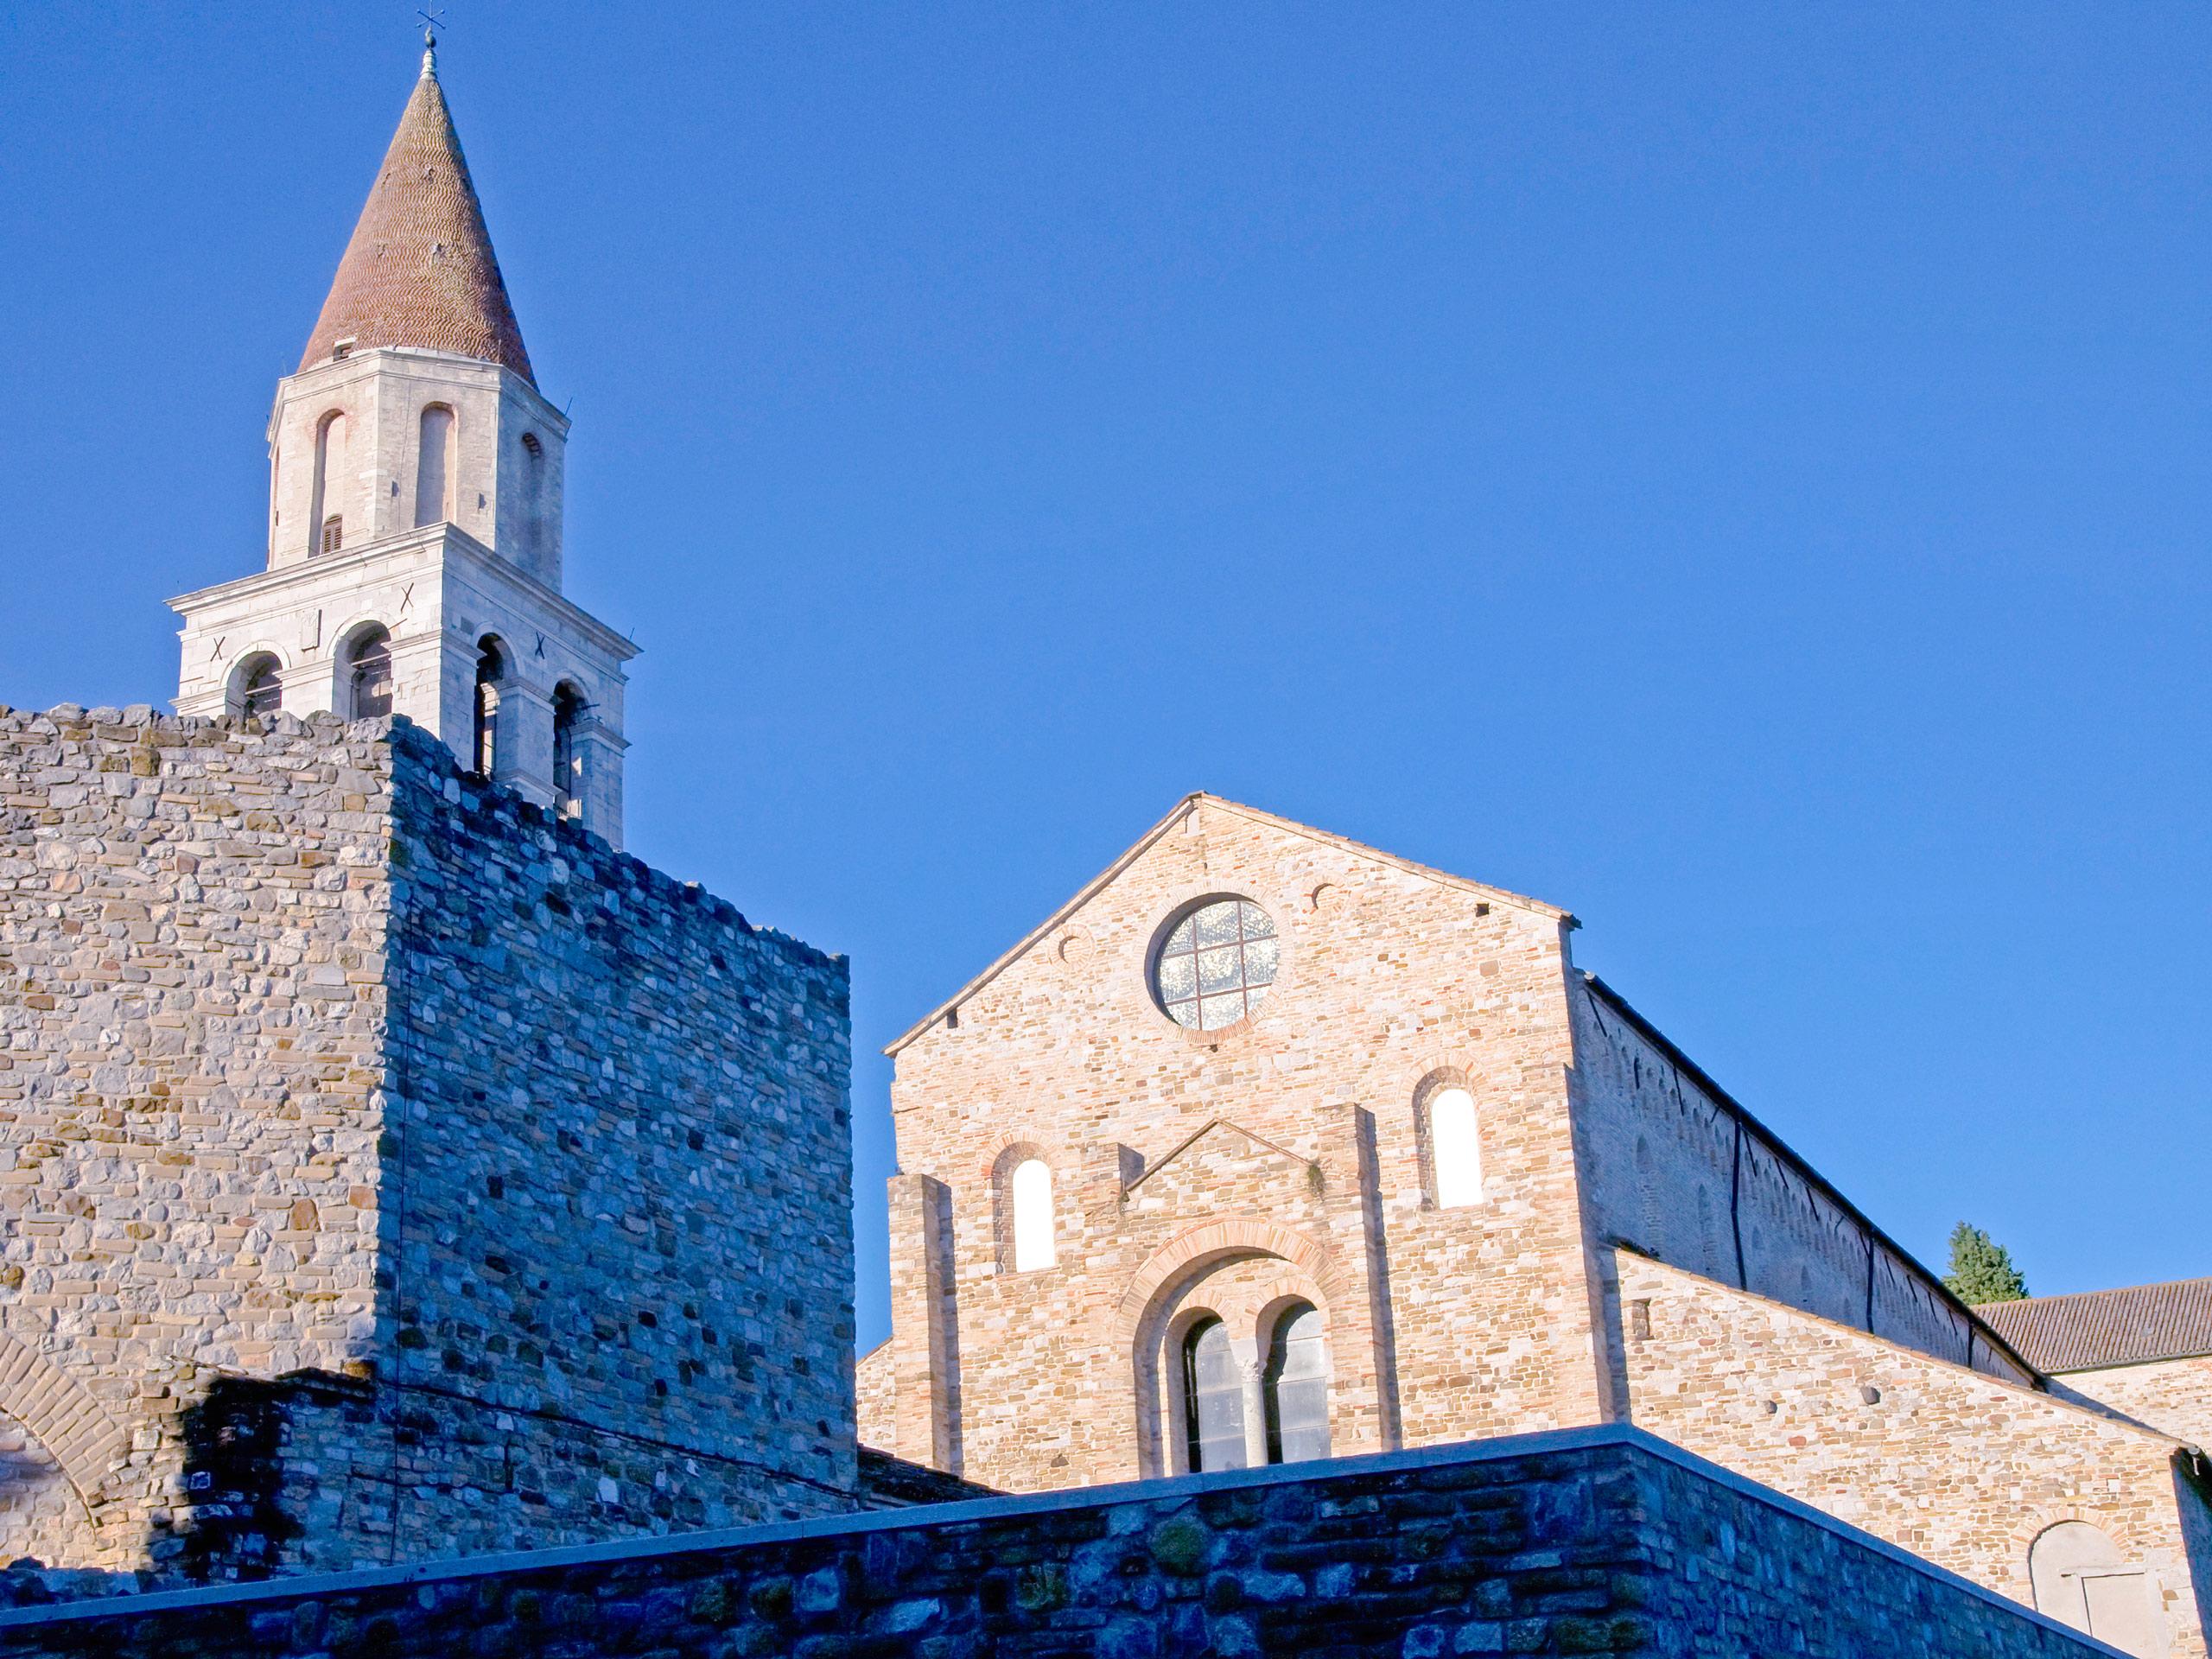 Aquileia architecture